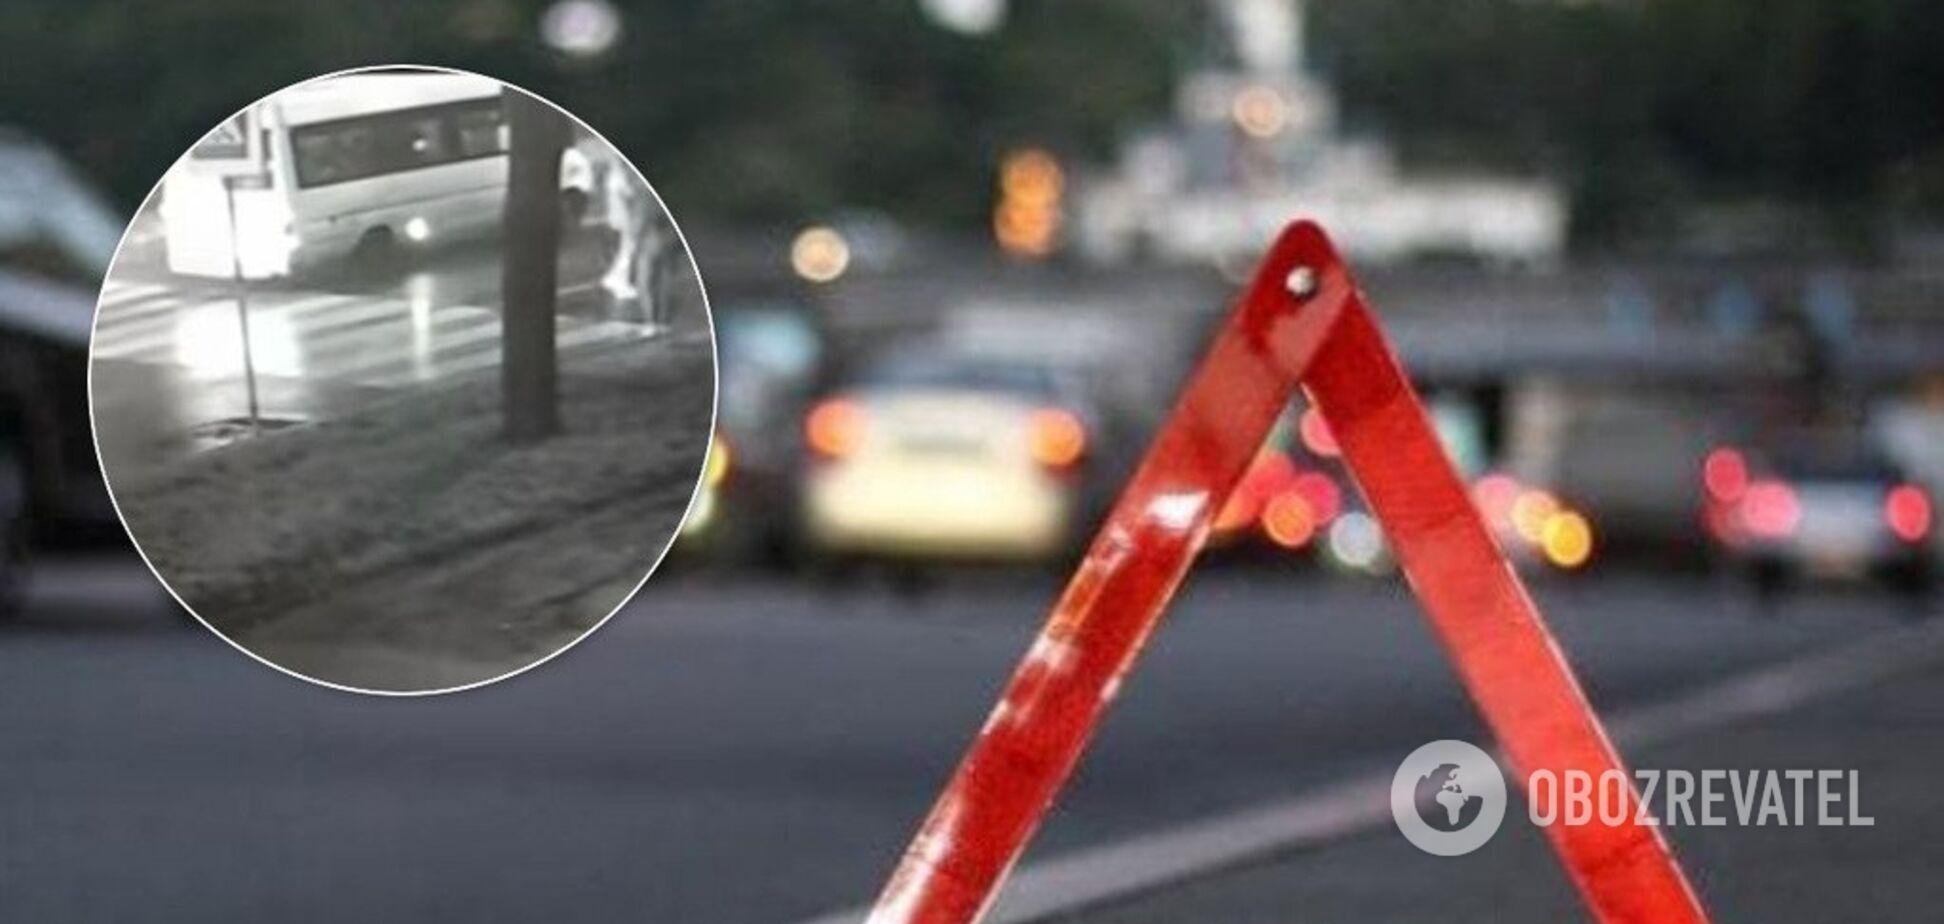 В Запорожье маршрутчик сбил ребенка и поехал дальше